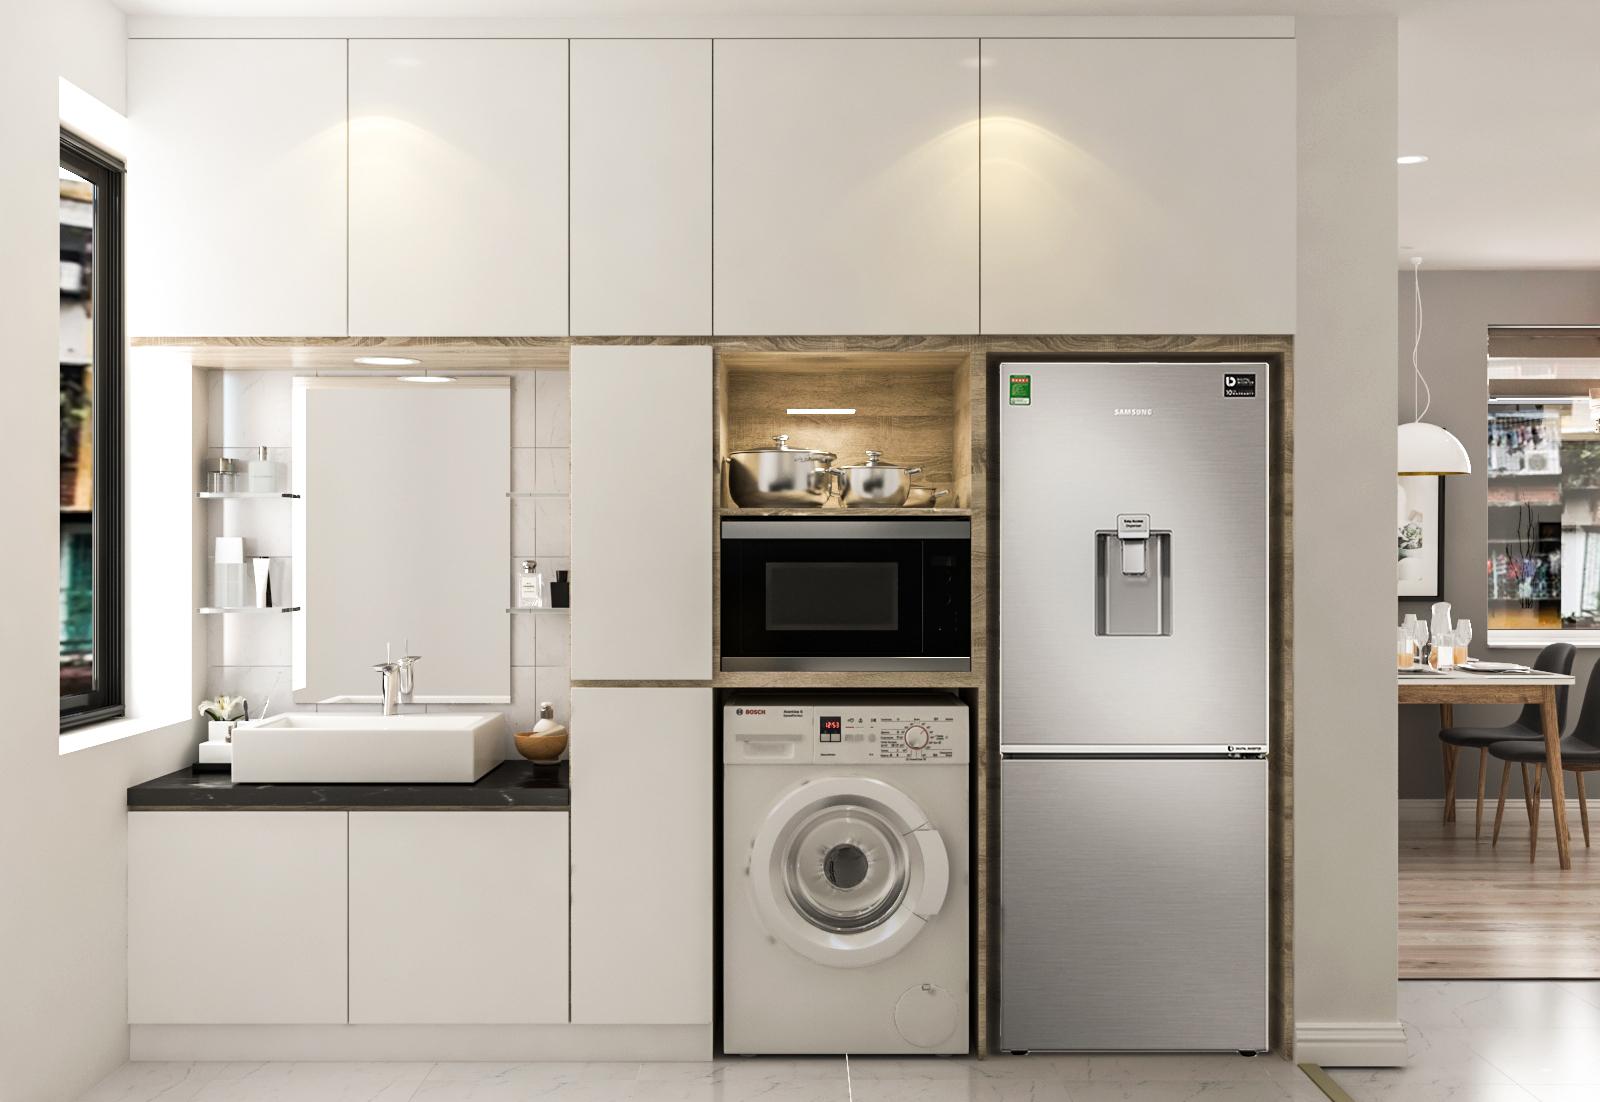 Tư vấn thiết kế cải tạo căn hộ tập thể 50m² với tổng chi phí 180 triệu đồng - Ảnh 6.